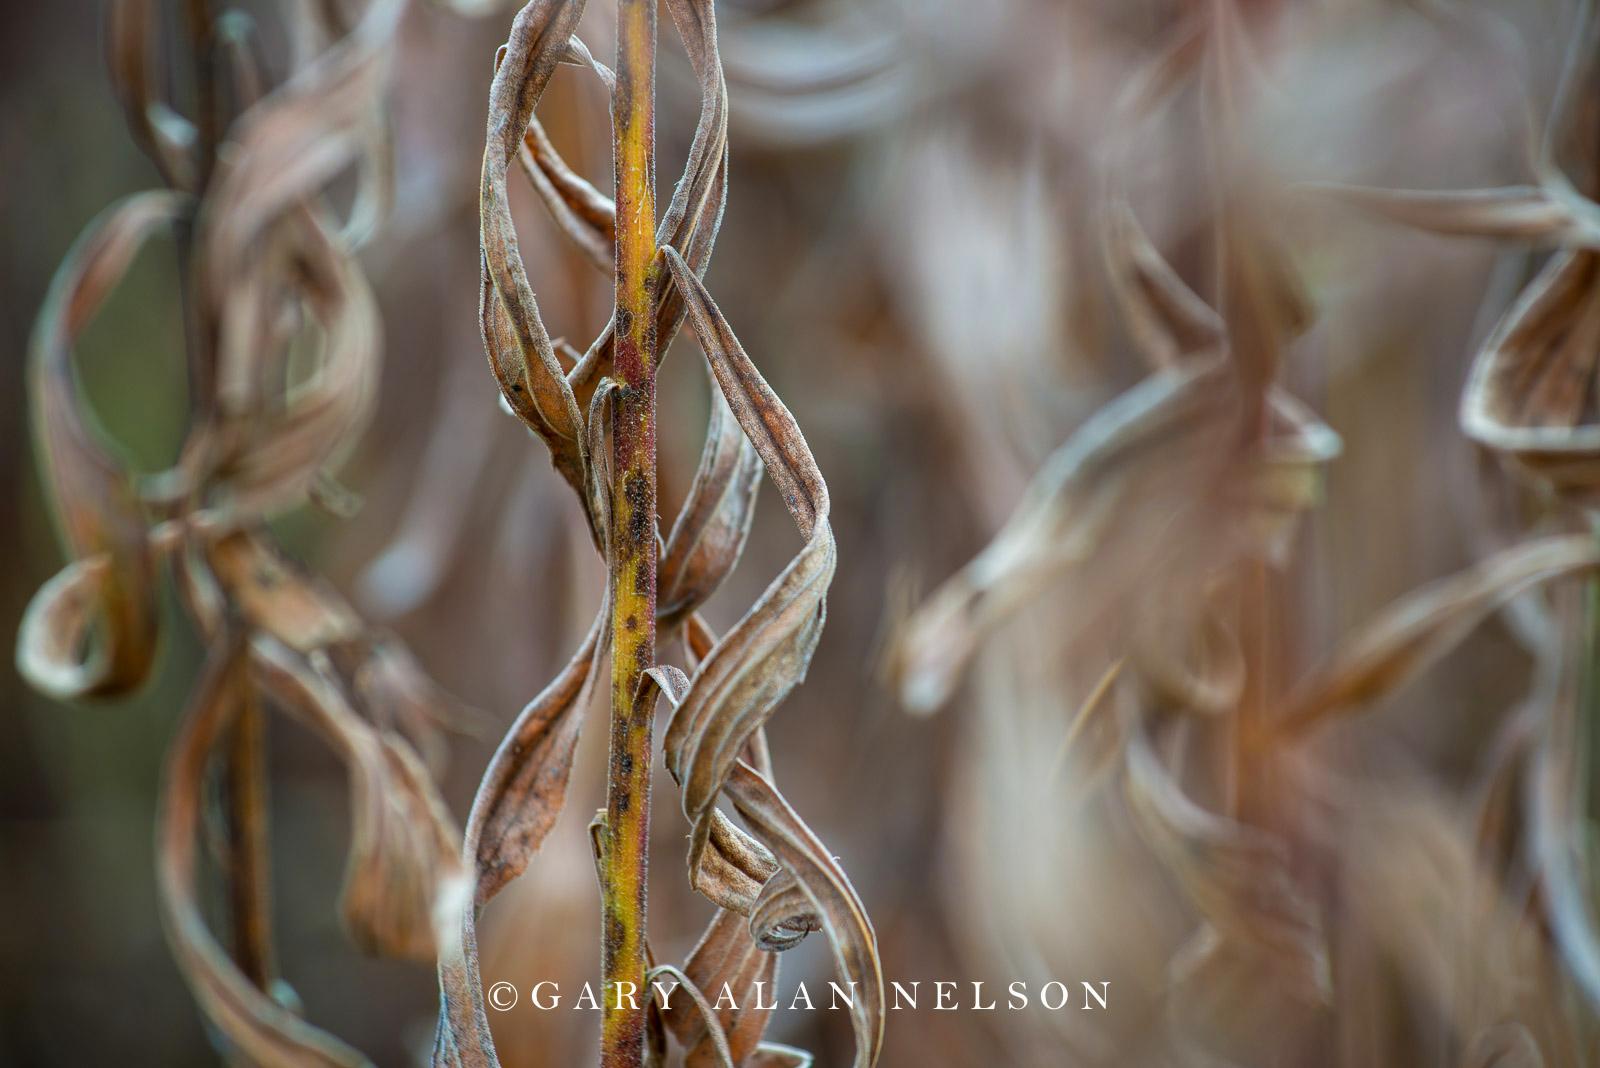 Goldenrod stalks in autumn, Allemansratt Park, Lindstrom, Minnesota